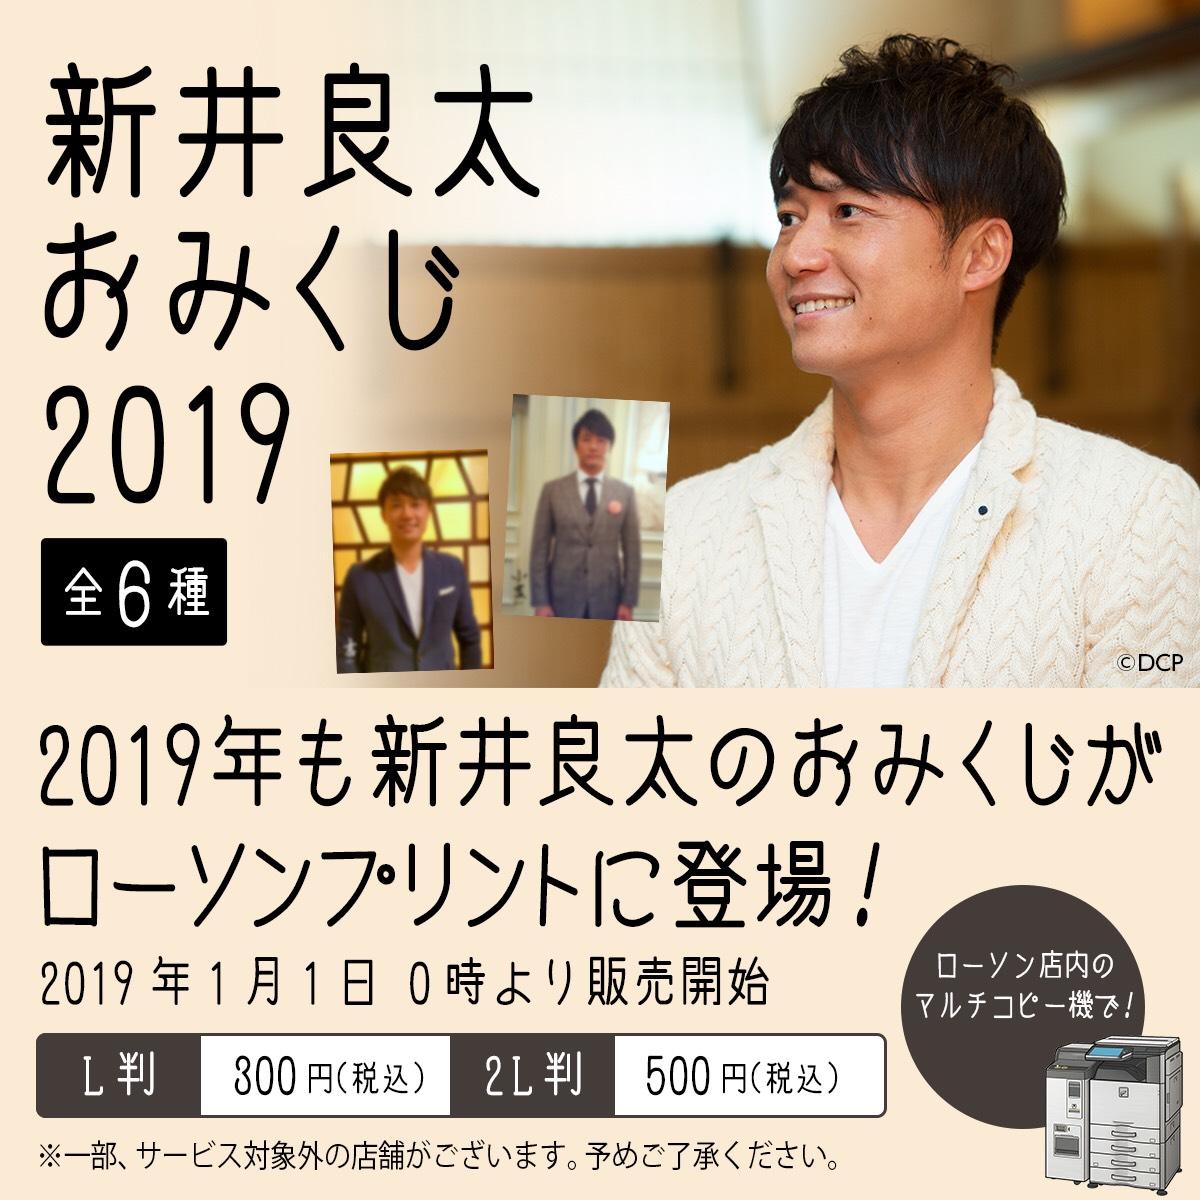 新井良太おみくじ2019__L判